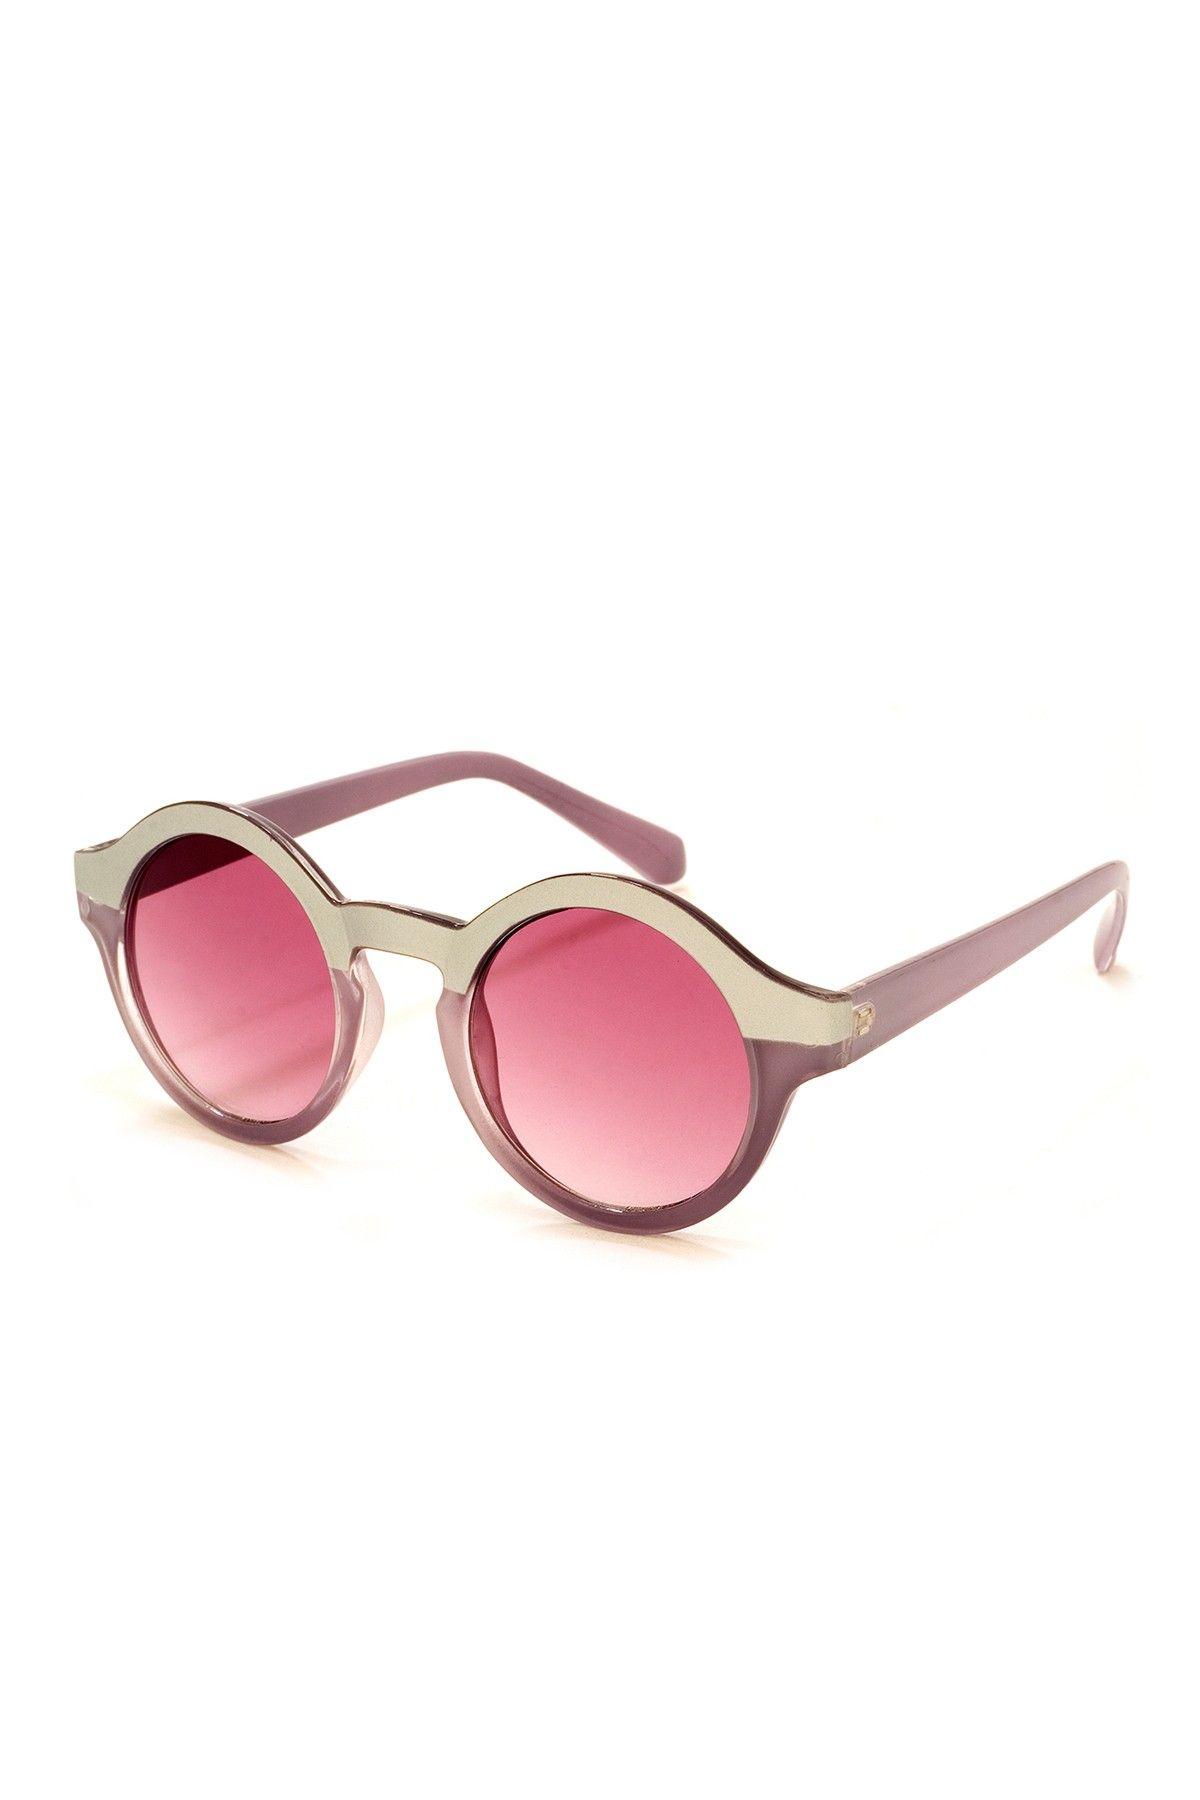 c037b448da69 Ulta Sunglasses Heart Shaped Glasses, Cute Glasses, Haar Make-up, Wearing  Glasses